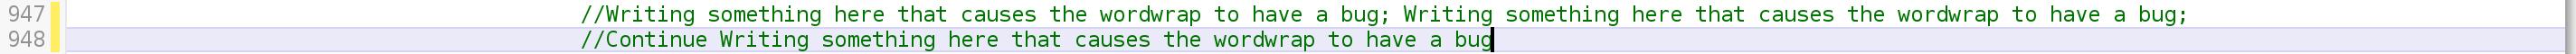 WordwrapCommentBug.png